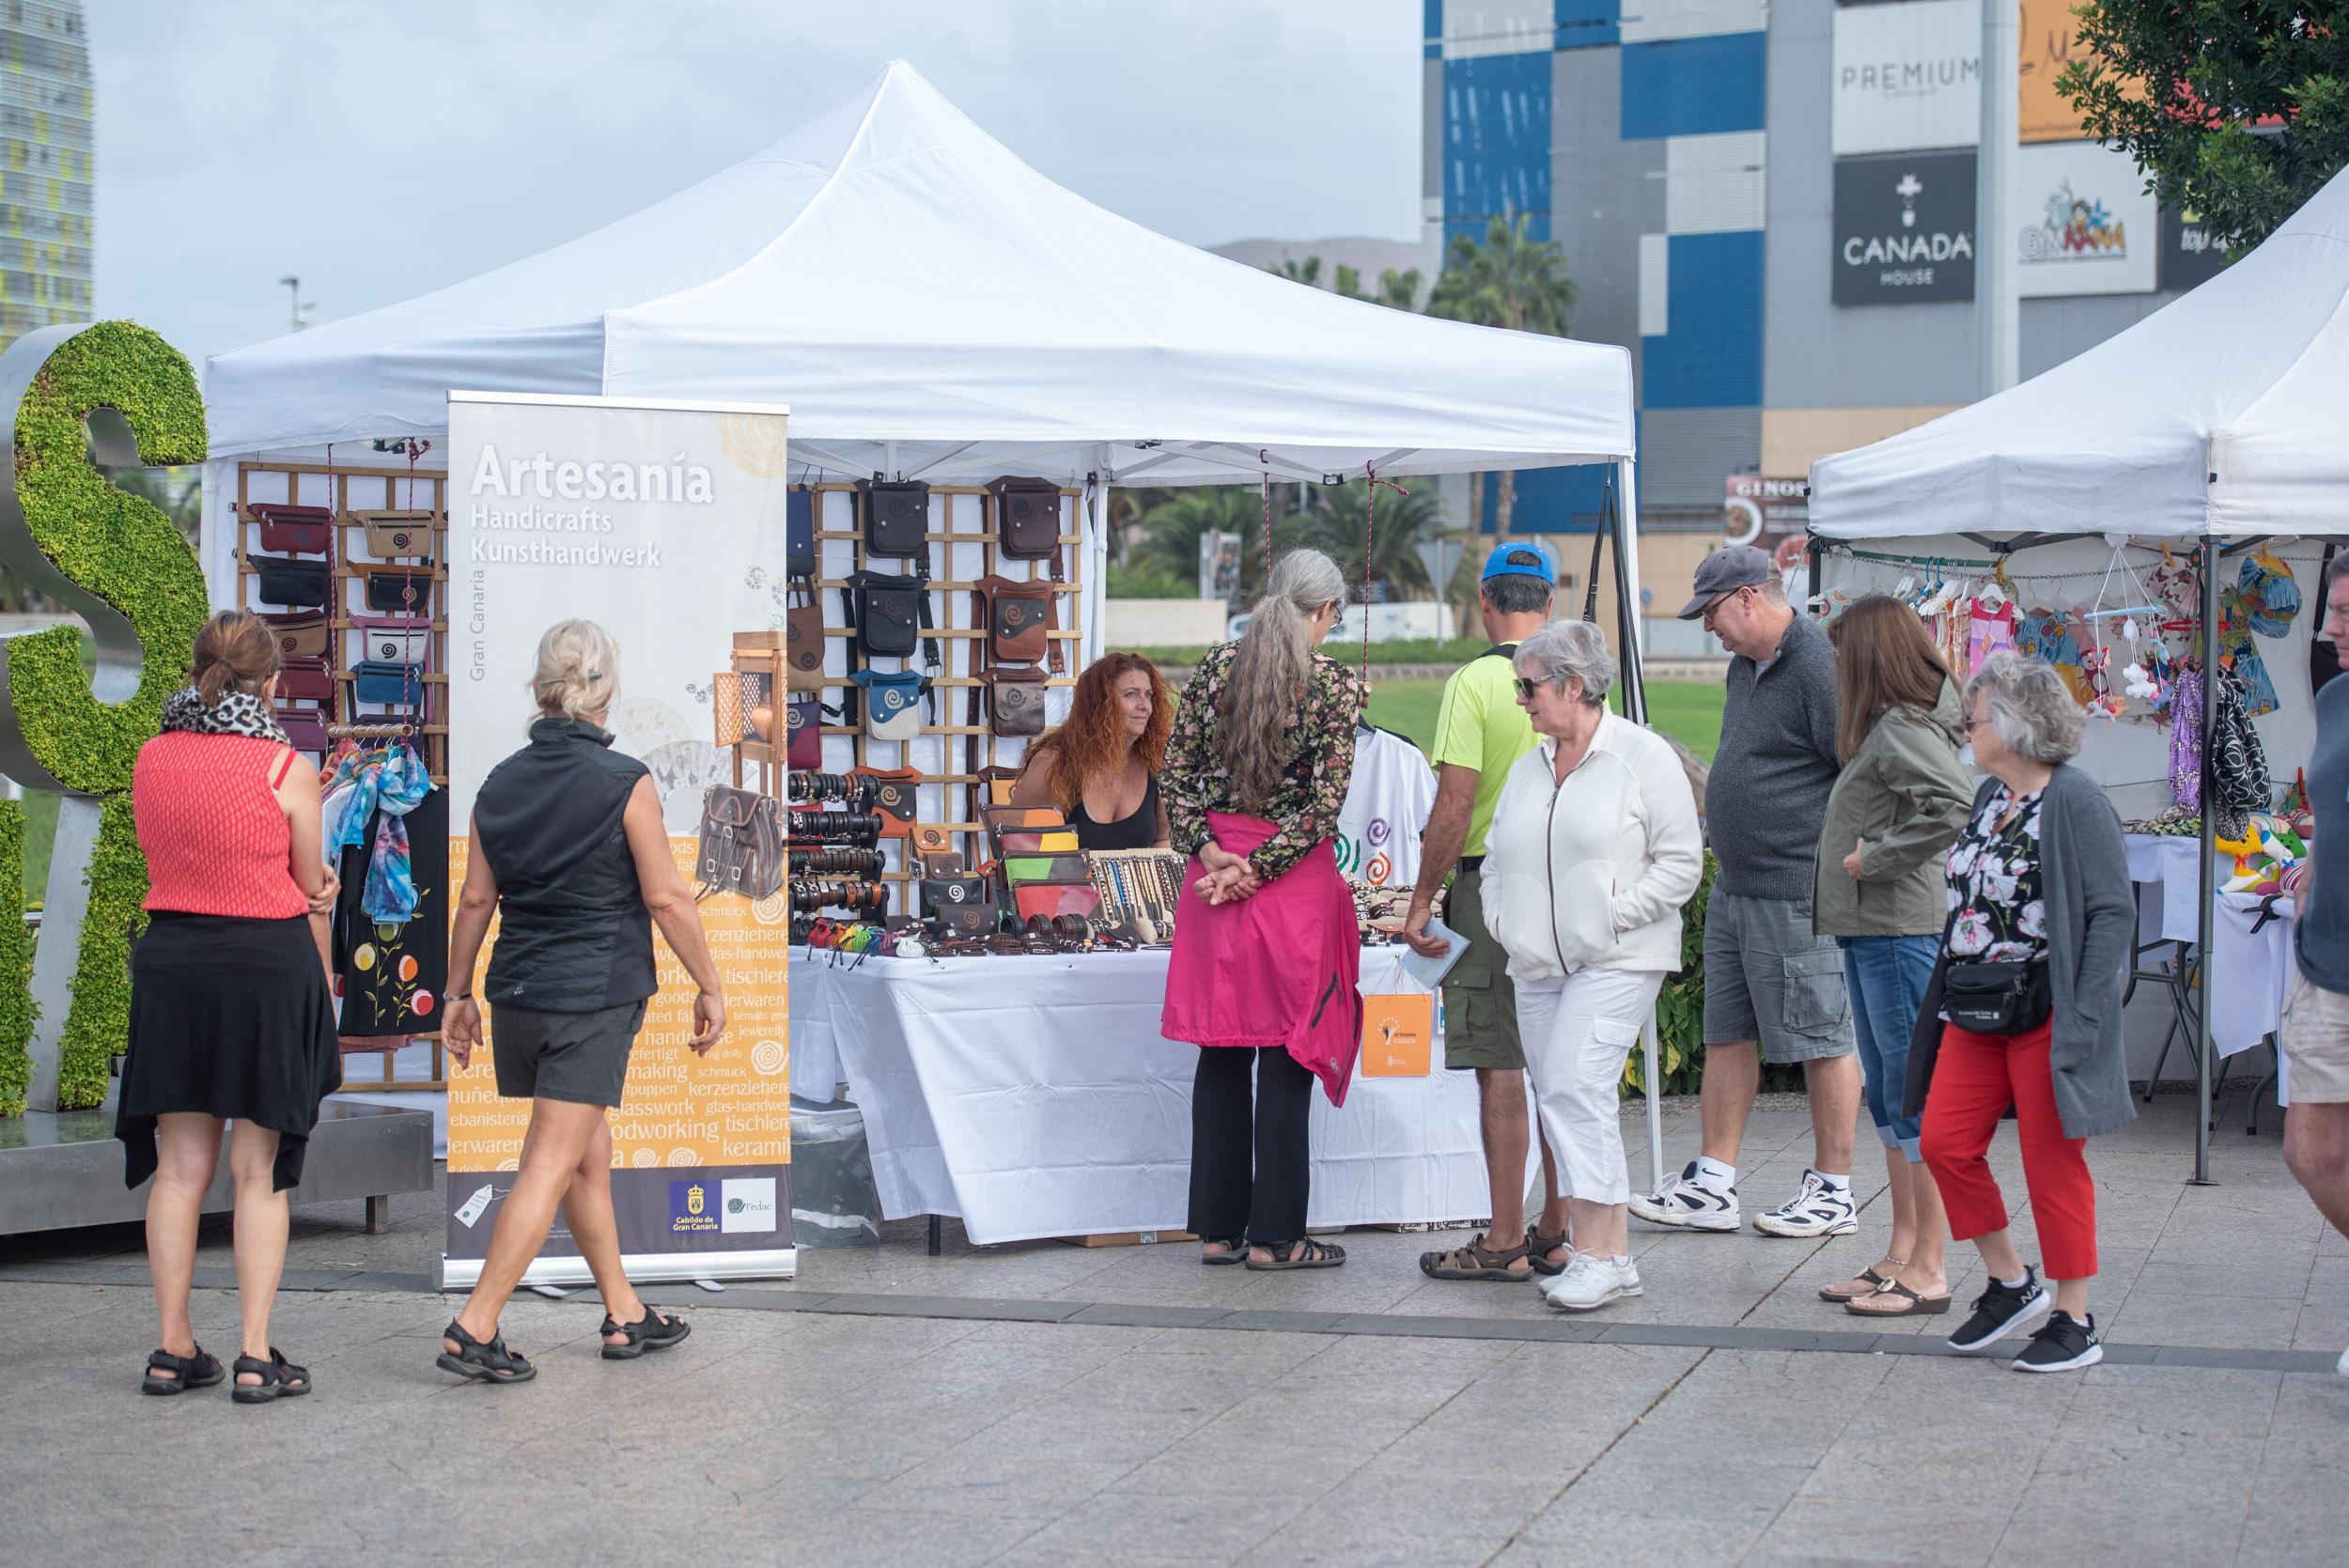 El Cabildo de Gran Canaria y el Ayuntamiento de Las Palmas de Gran Canaria inauguran un Mercado de Artesanía para atraer a los turistas de cruceros